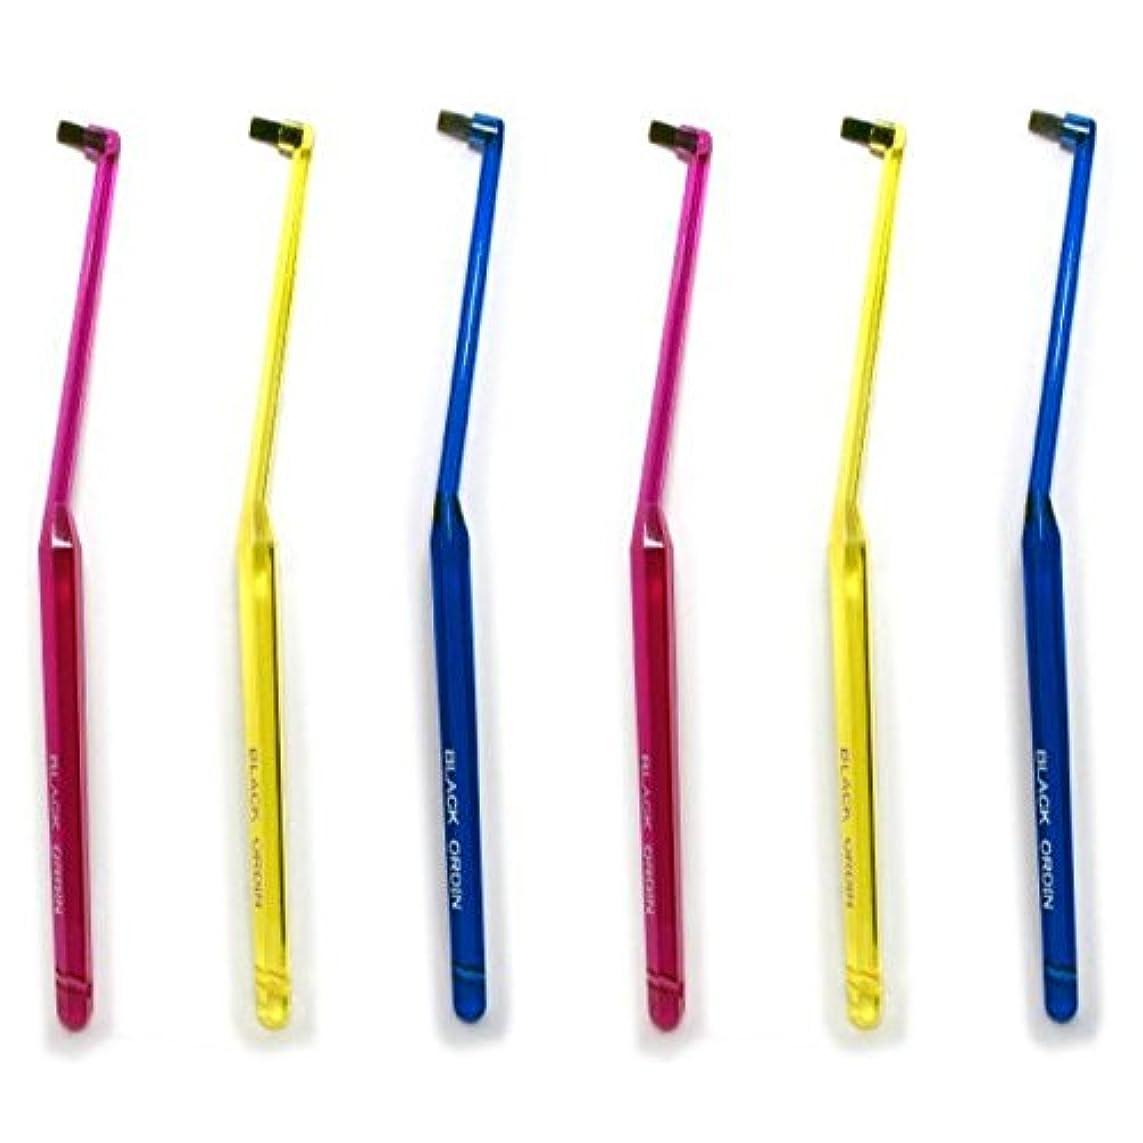 ロッジファイル破滅ワンタフトブラシ ブラックオーディン ワンタフト×6本セット 部分用歯ブラシ 歯磨き 歯ブラシ